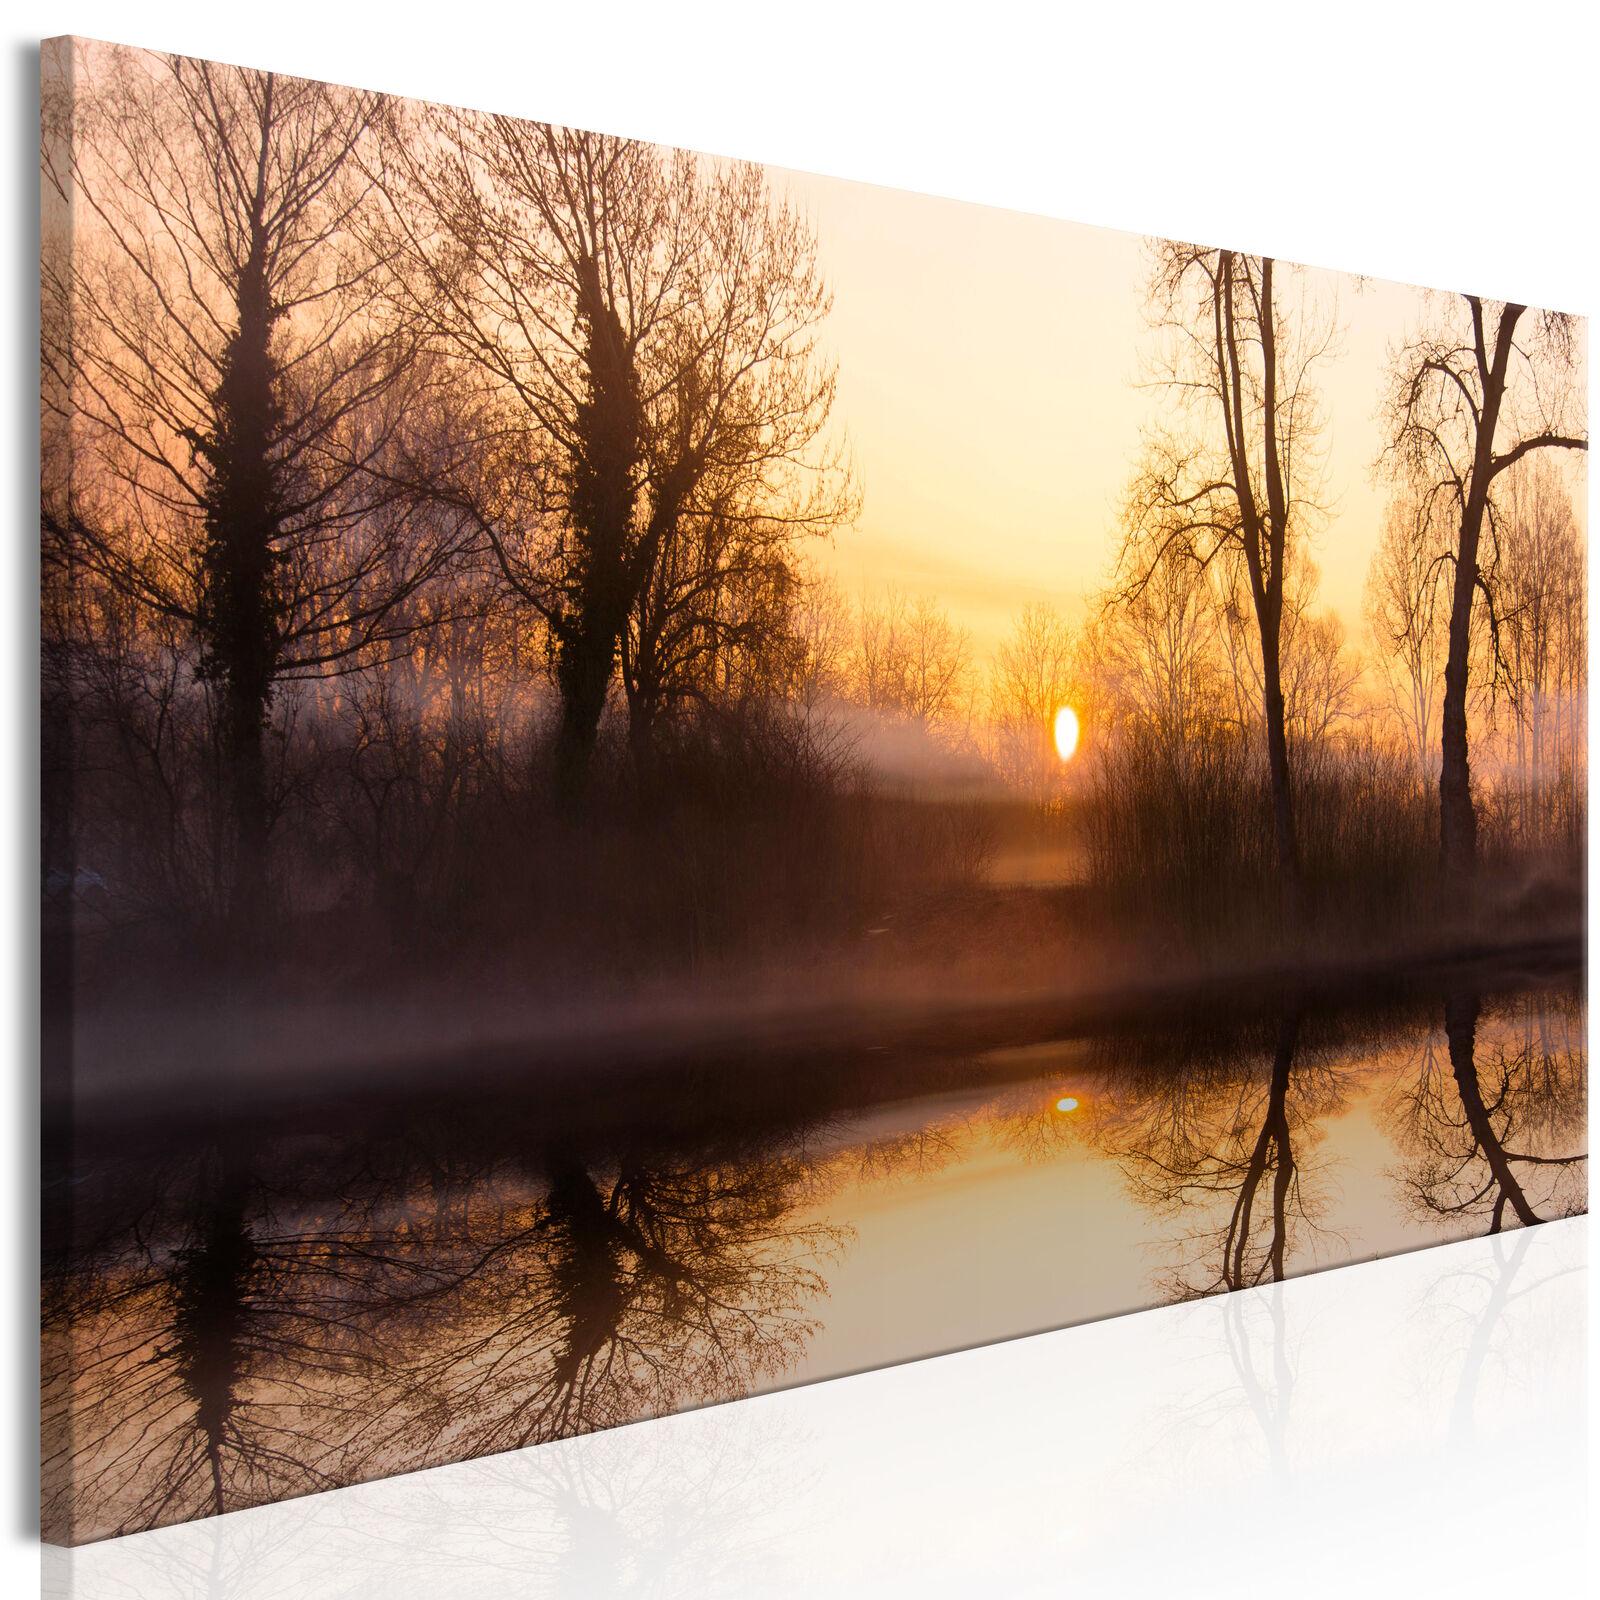 Wandbilder xxl Wald Landschaft Nebel Leinwand Bilder Wohnzimmer c-C-0185-b-a